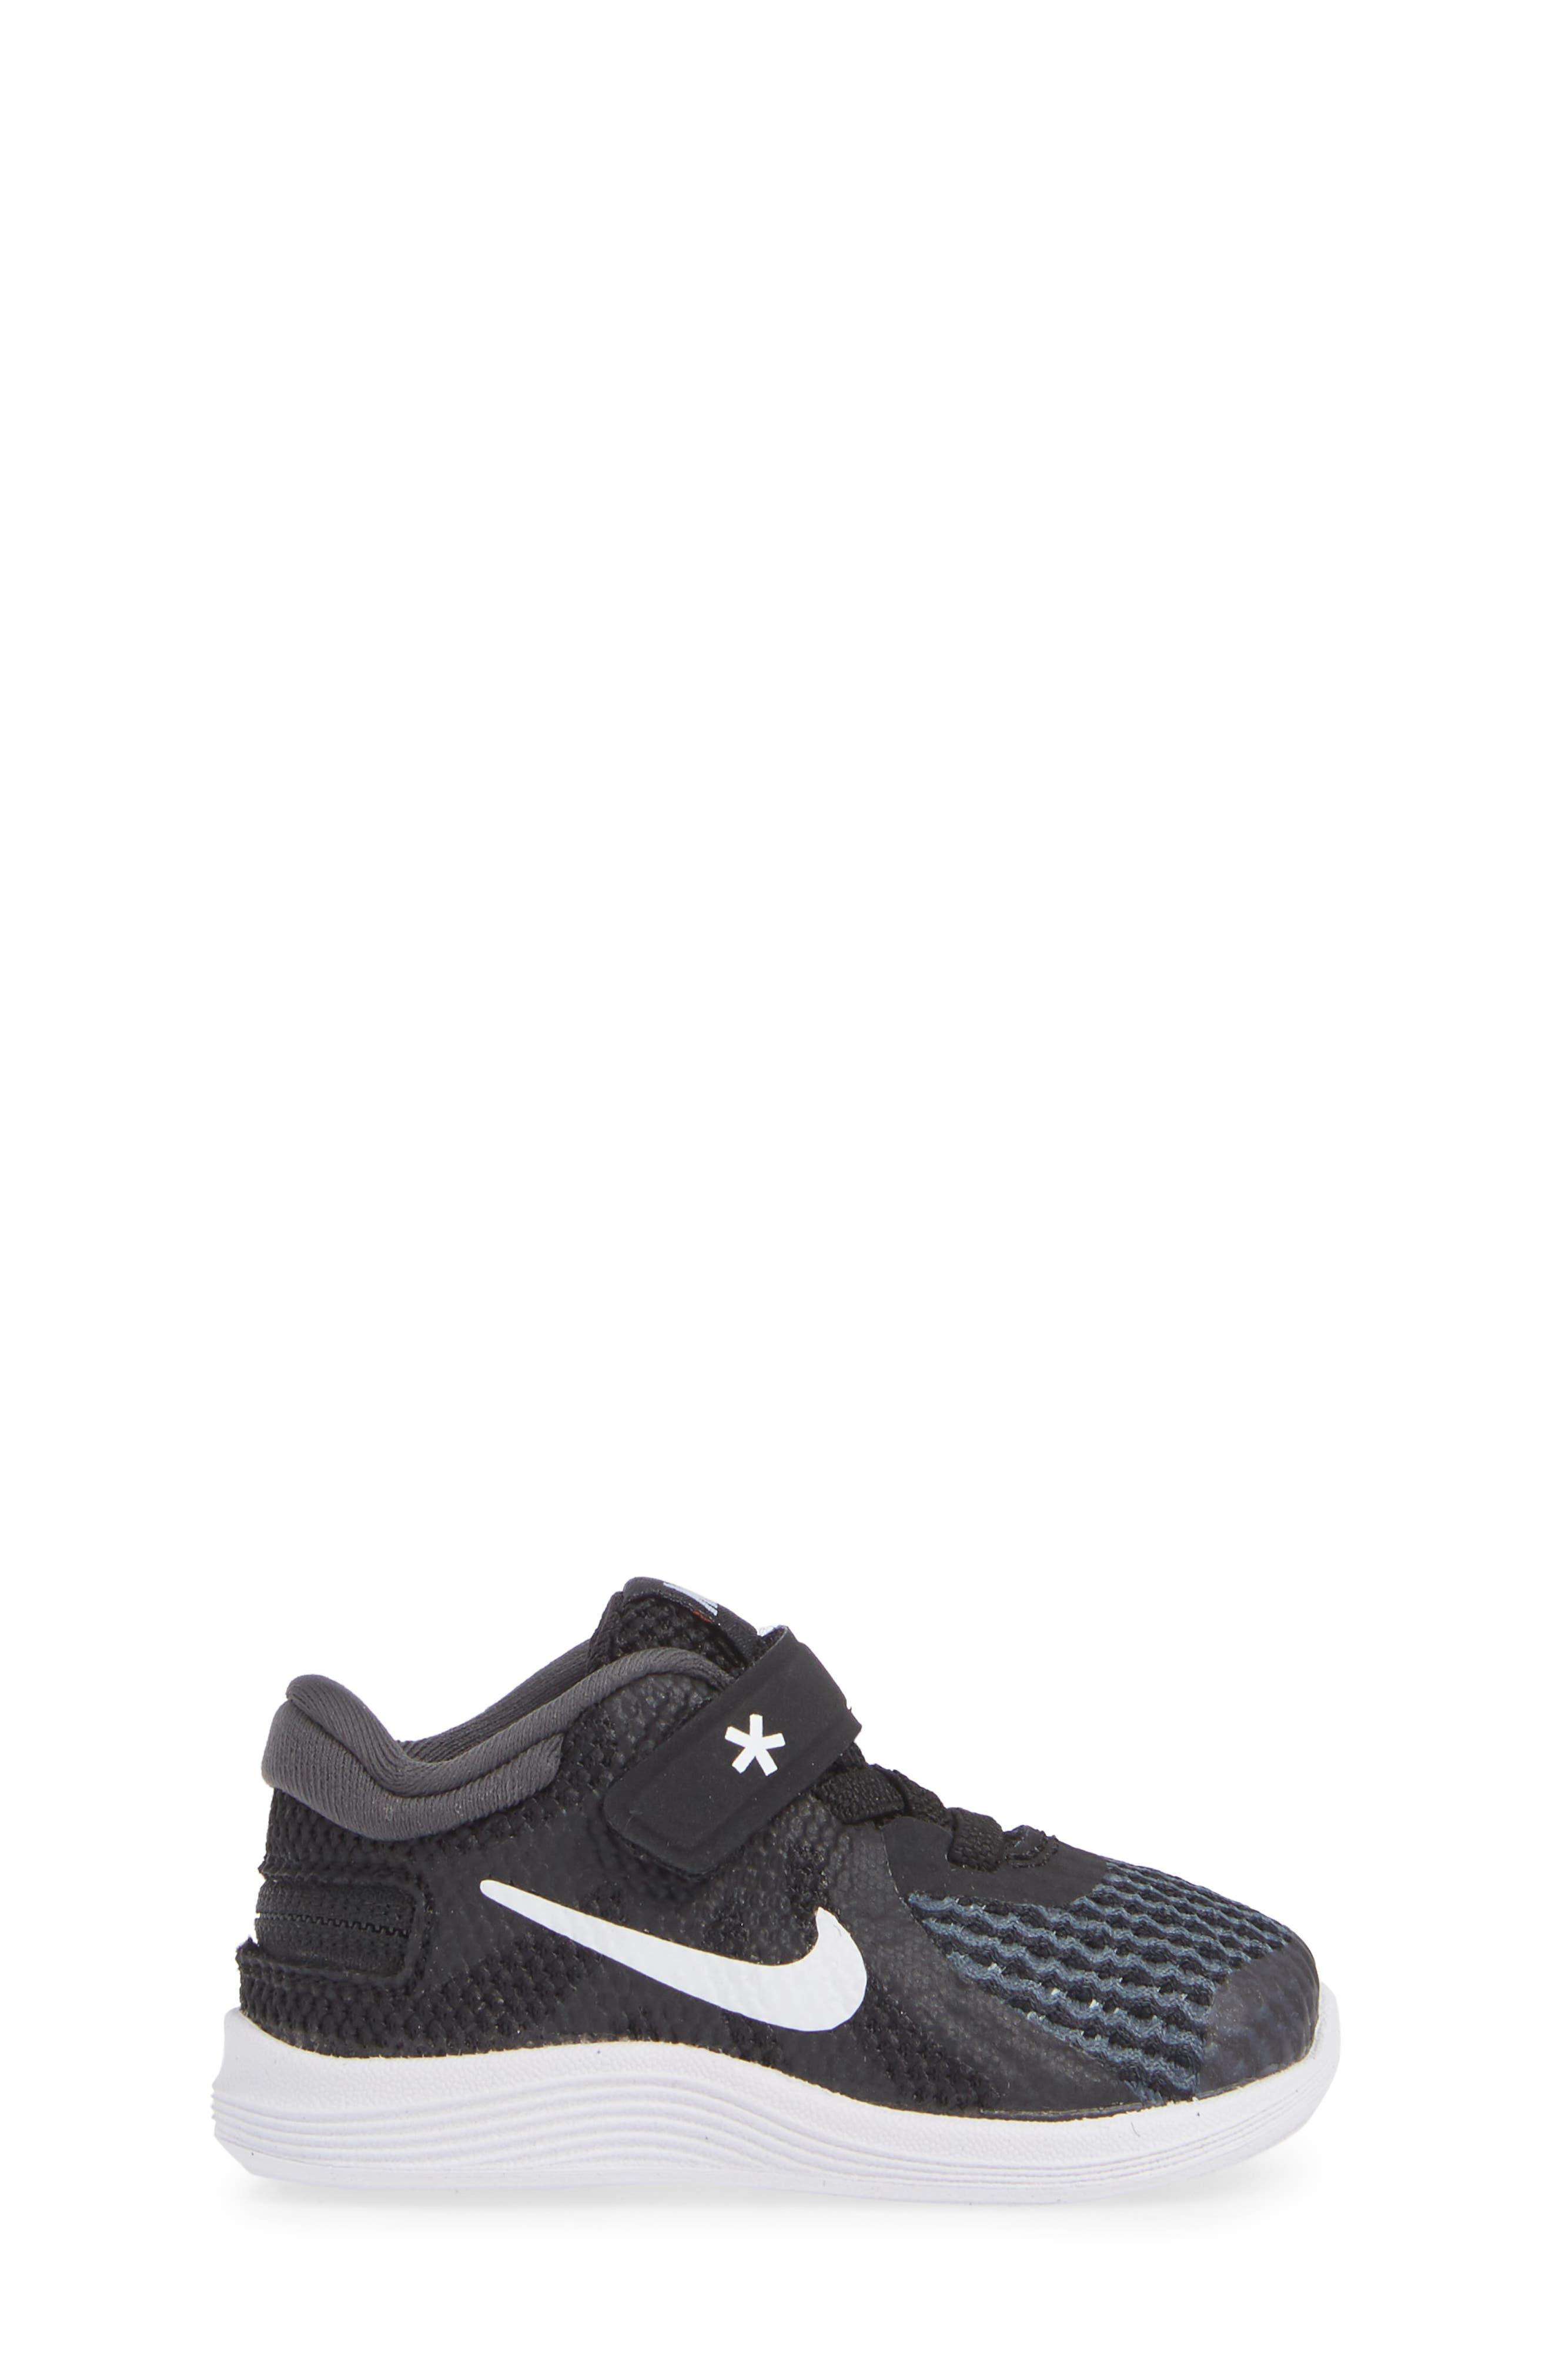 NIKE,                             Revolution 4 Flyease Sneaker,                             Alternate thumbnail 3, color,                             BLACK TOTAL CRIMSON